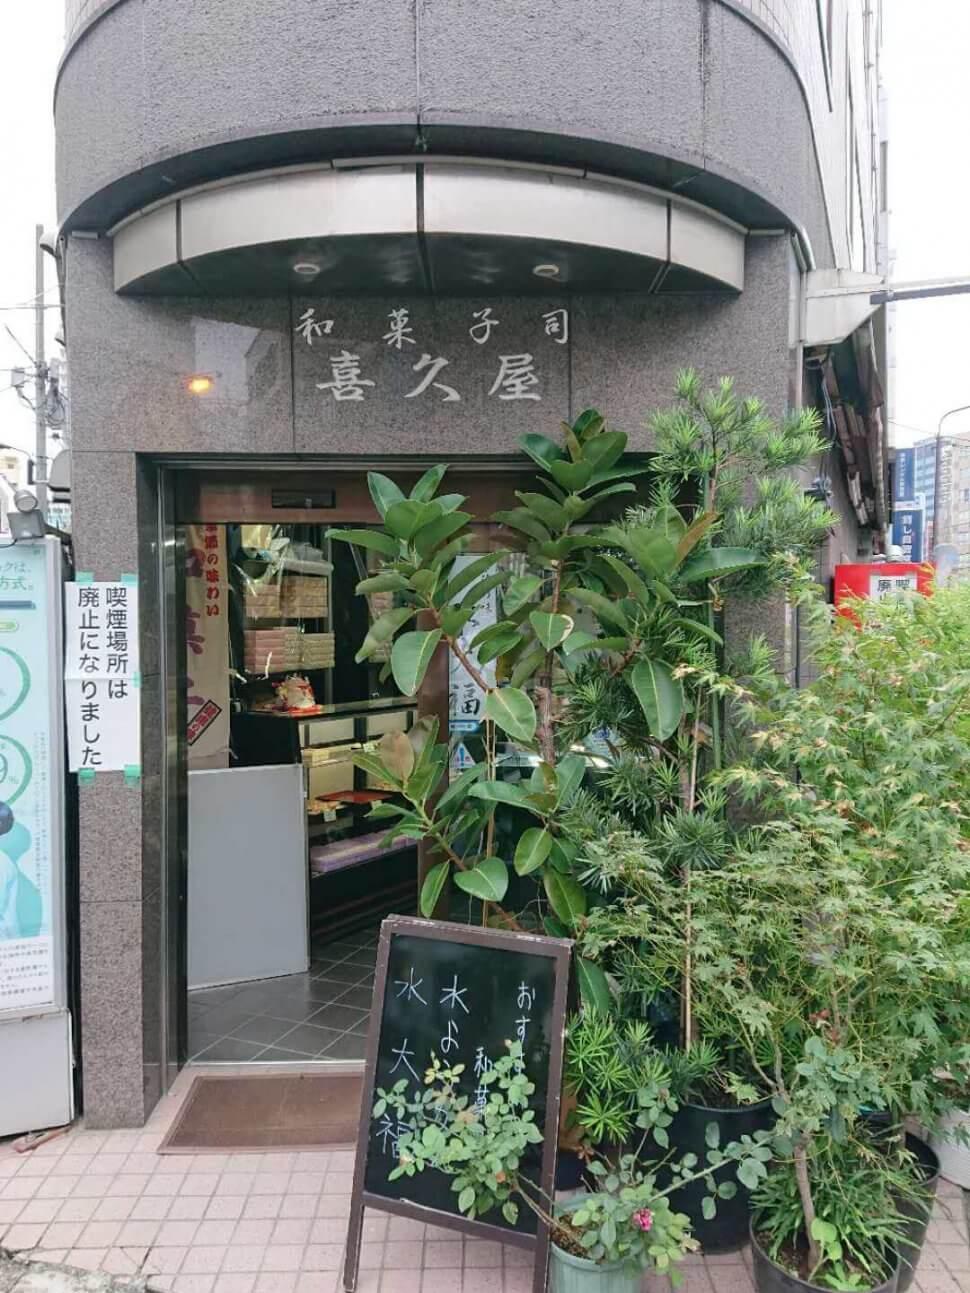 学校近くの素敵な場所―和菓子屋  喜久屋さん